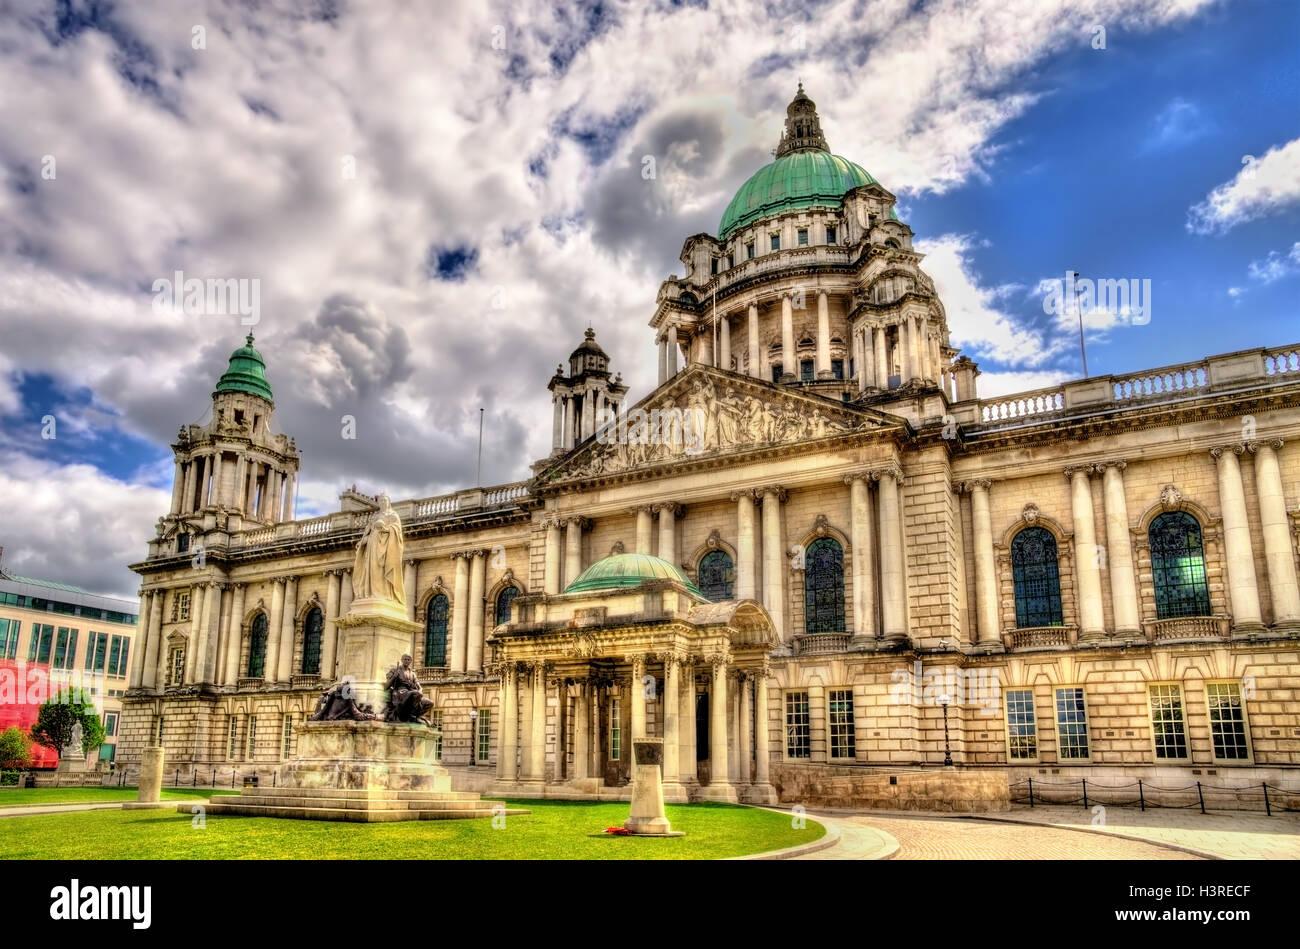 Queen Victoria Memorial and Belfast City Hall - Northern Ireland - Stock Image